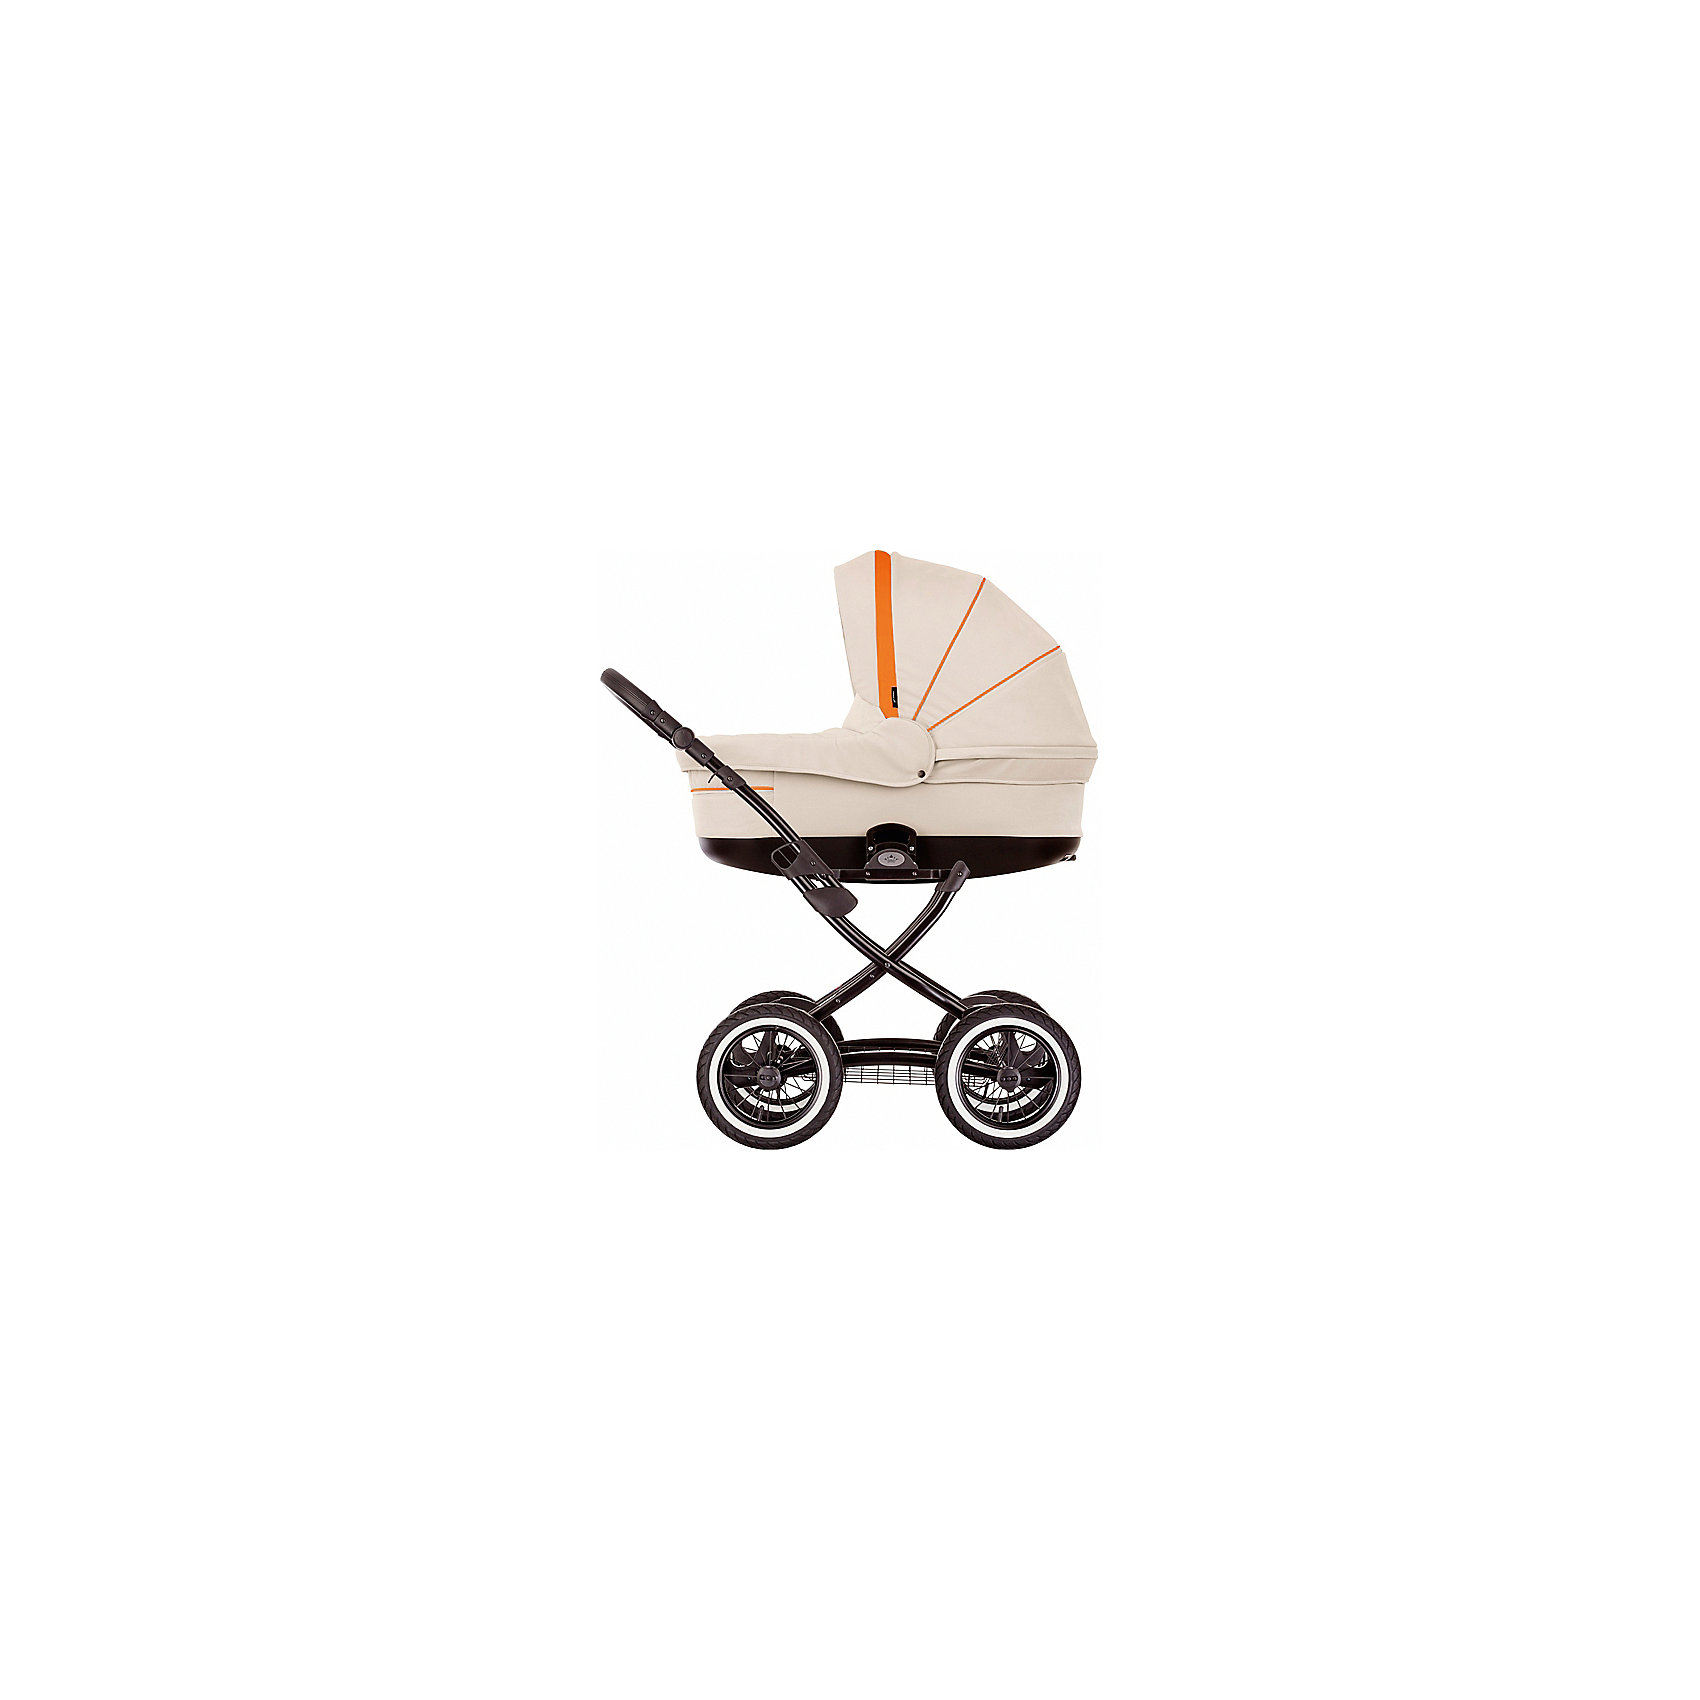 Коляска 2 в 1 Sun Classic, Noordi, св.бежевыйКоляска 2 в 1 Sun Classic, Noordi,  светло бежевый (Нурди Сан Классик) – современная модель детской коляски с классическими функциями и стилизованным дизайном. Маневренность и высокий уровень проходимости делает ее незаменимой для родителей, которые ведут активный образ жизни.<br>Все материалы, используемые в коляске 2 в 1 Нурди Арктик Спорт, отличаются высоким качеством и надежностью в эксплуатации. <br>Коляска 2 в 1 Sun Classic, Noordi, светло бежевый вместительная, удобная и ортопедическая, ее внутренняя отделка ? хлопок 100%, на дне люльки имеются вентиляционные отверстия, которые можно закрывать. Усовершенствованная система амортизации позволяют ее использовать в качестве колыбели для самых маленьких. Прогулочный блок коляски 2 в 1 Sun Classic, Noordi, светло бежевый оснащен водоотталкивающей тканью, устойчивой к износу и загрязнениям. Безопасность обеспечивается ремнями безопасности.<br>Поворотные передние колеса с возможностью фиксации делают эту модель легко управляемой даже на самых неровных дорогах и тротуарах.  <br><br>Дополнительная информация:<br><br>- Механизм складывания: книжка<br>- Цвет: светло бежевый<br>- Сезон: зима-лето<br>- Комплектация: чехол на ножки, сумка для мамы, силиконовый дождевик, антимоскитная сетка, закрепленная на люльке<br>- Ширина шасси: 59 см<br>- Диаметр колес: передние ? 23 см, задние ? 28 см<br>- Ручка: регулируется по высоте<br>- Размер люльки (ДxШ): 85х38<br>- Размер (ДxВхШ): 90х60х60 см<br>- Материал: водоотталкивающий текстиль, устойчивый к выгоранию и износу<br>- Вес 14,0 кг<br><br>Подробнее:<br><br>- Для детей в возрасте: от 0 месяцев до 3 лет<br><br>Страна производитель: Литва<br><br>Коляска 2 в 1 Sun Classic, Noordi, светло бежевый можно купить в нашем интернет-магазине.<br><br>Ширина мм: 900<br>Глубина мм: 600<br>Высота мм: 600<br>Вес г: 14000<br>Возраст от месяцев: 0<br>Возраст до месяцев: 36<br>Пол: Унисекс<br>Возраст: Детский<br>SKU: 4855084